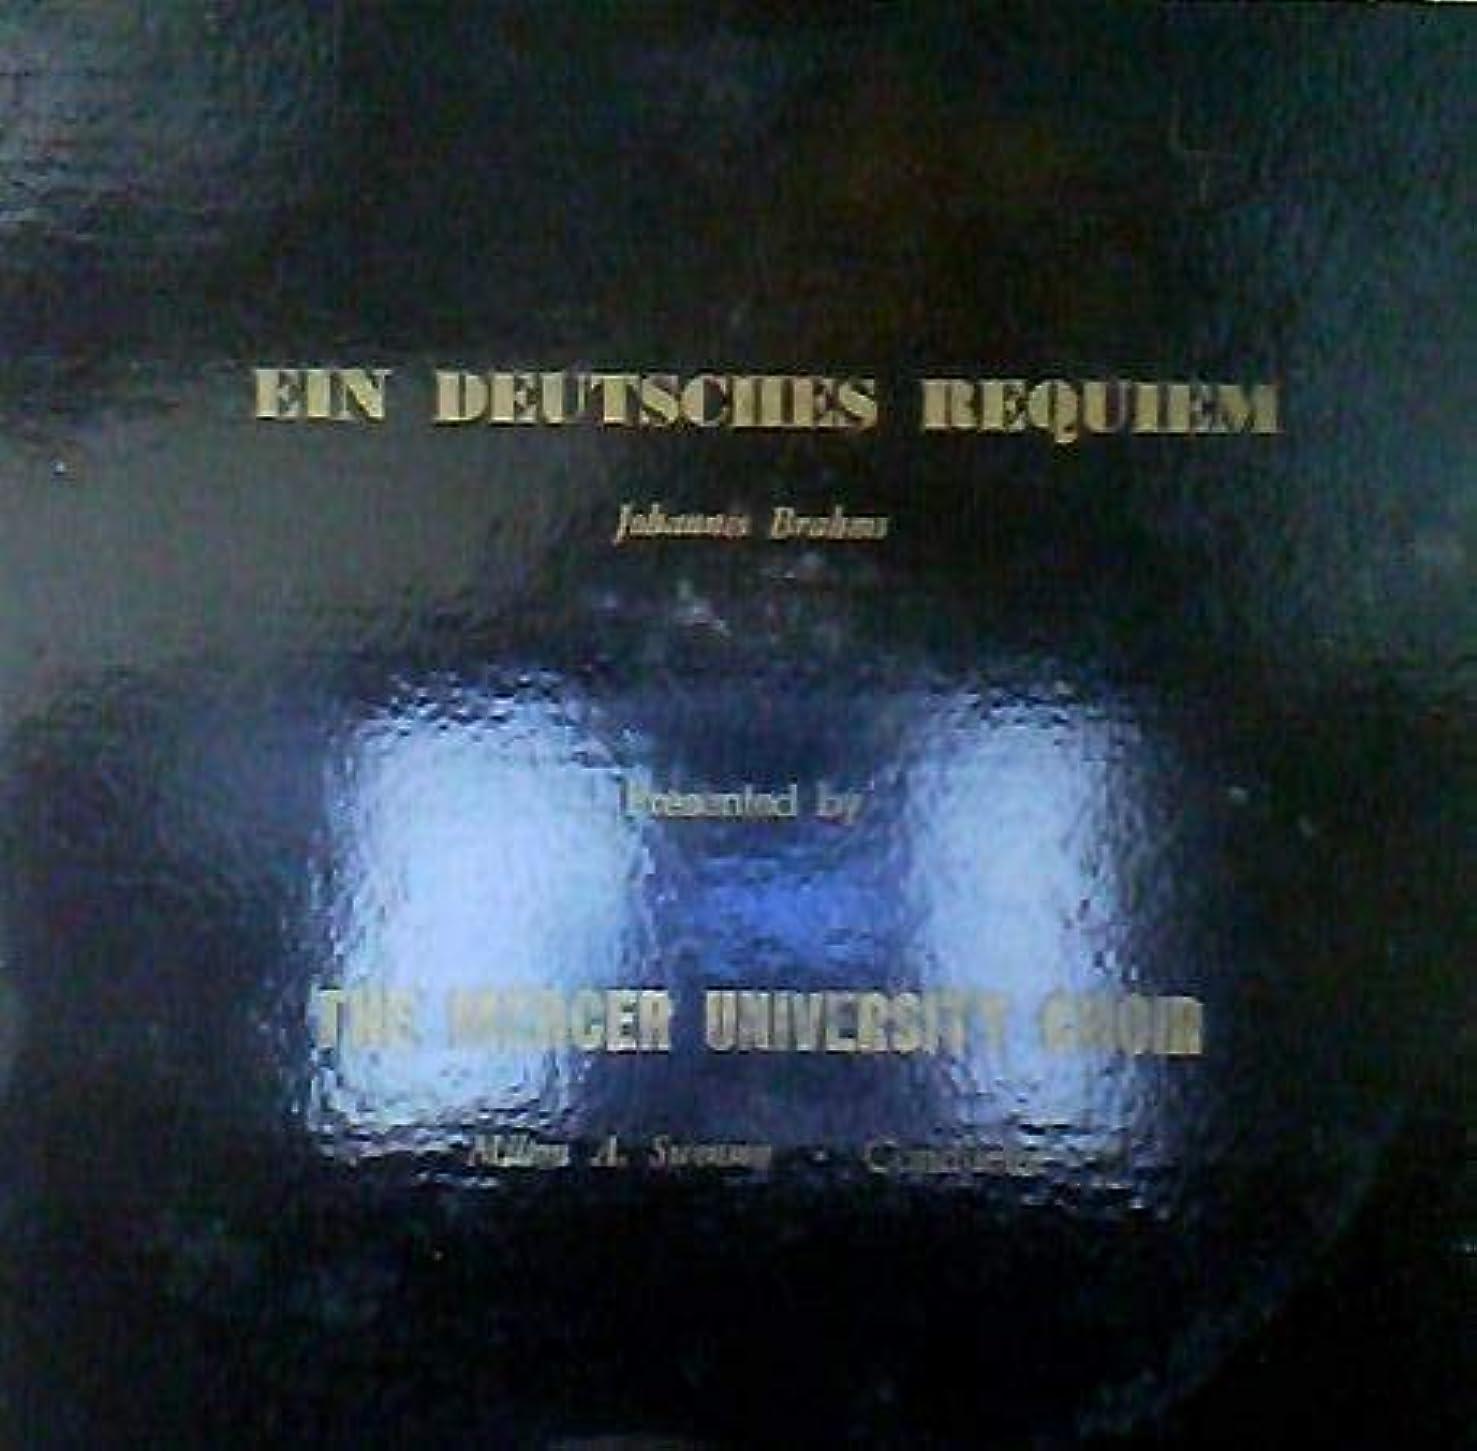 Ein Deutsches Requiem The Mercer University Choir